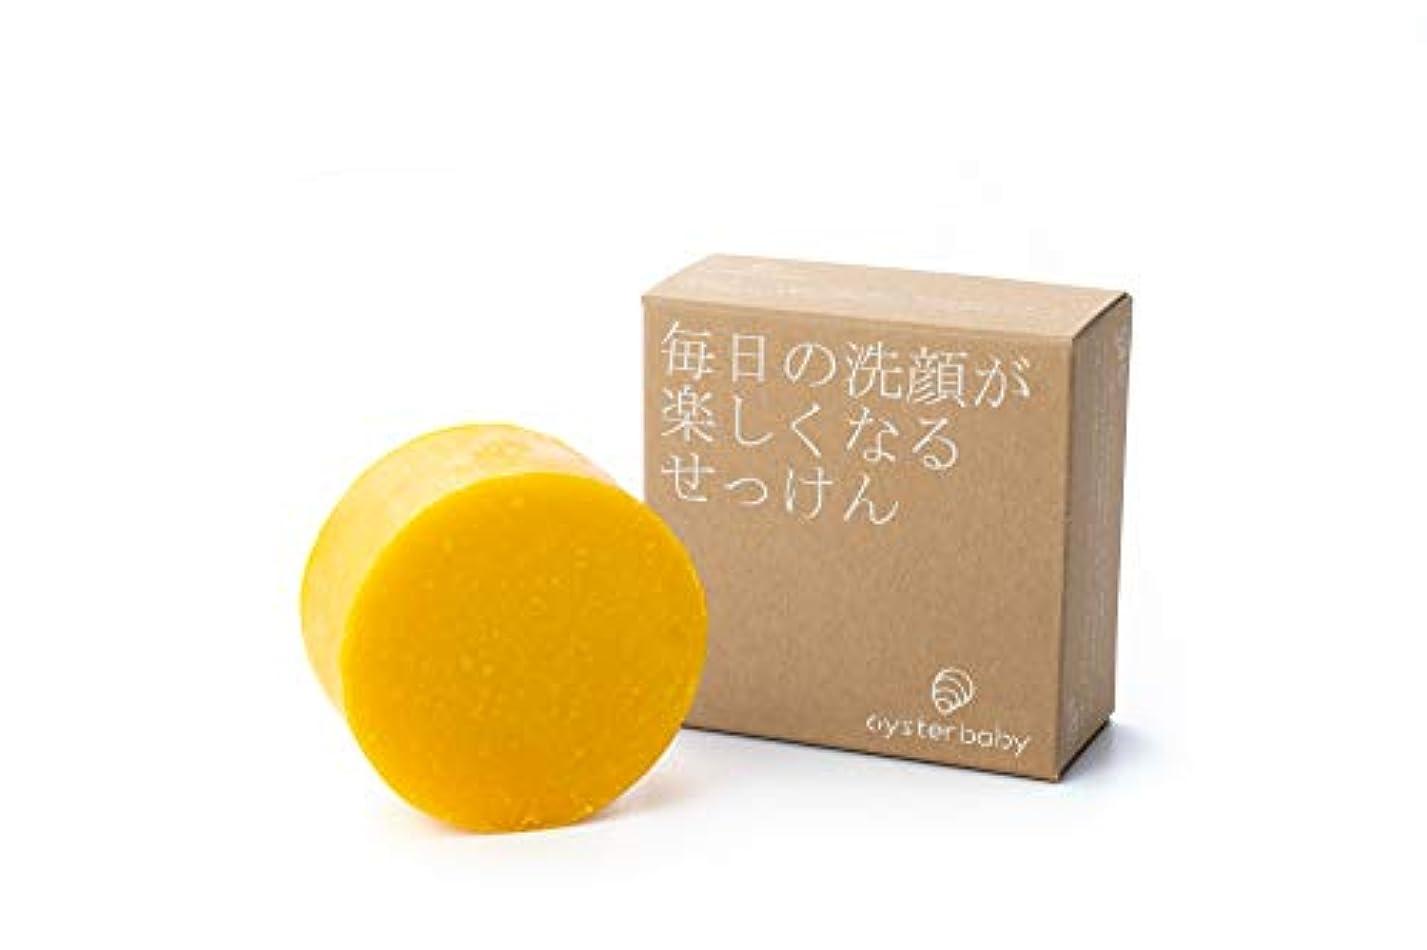 かもしれない中央値優れたオイスターベイビー 洗顔石鹸 オレンジ&ラベンダー コールドプロセス製法 手作り石鹸 日本製